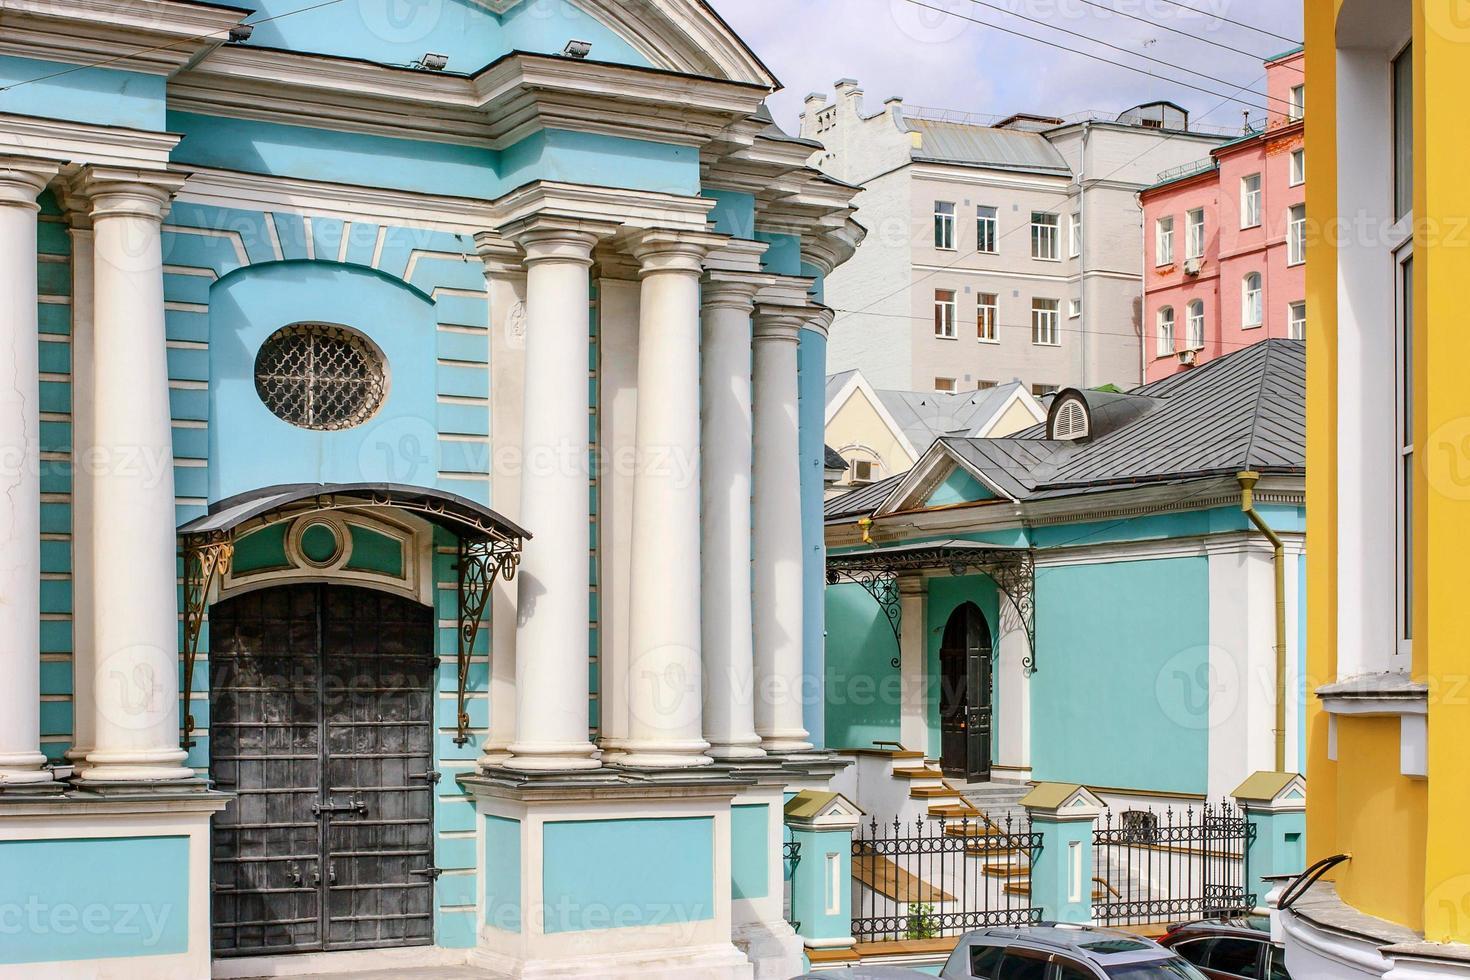 blaue Kirche mit weißen Säulen in der Mitte der bunten Häuser foto